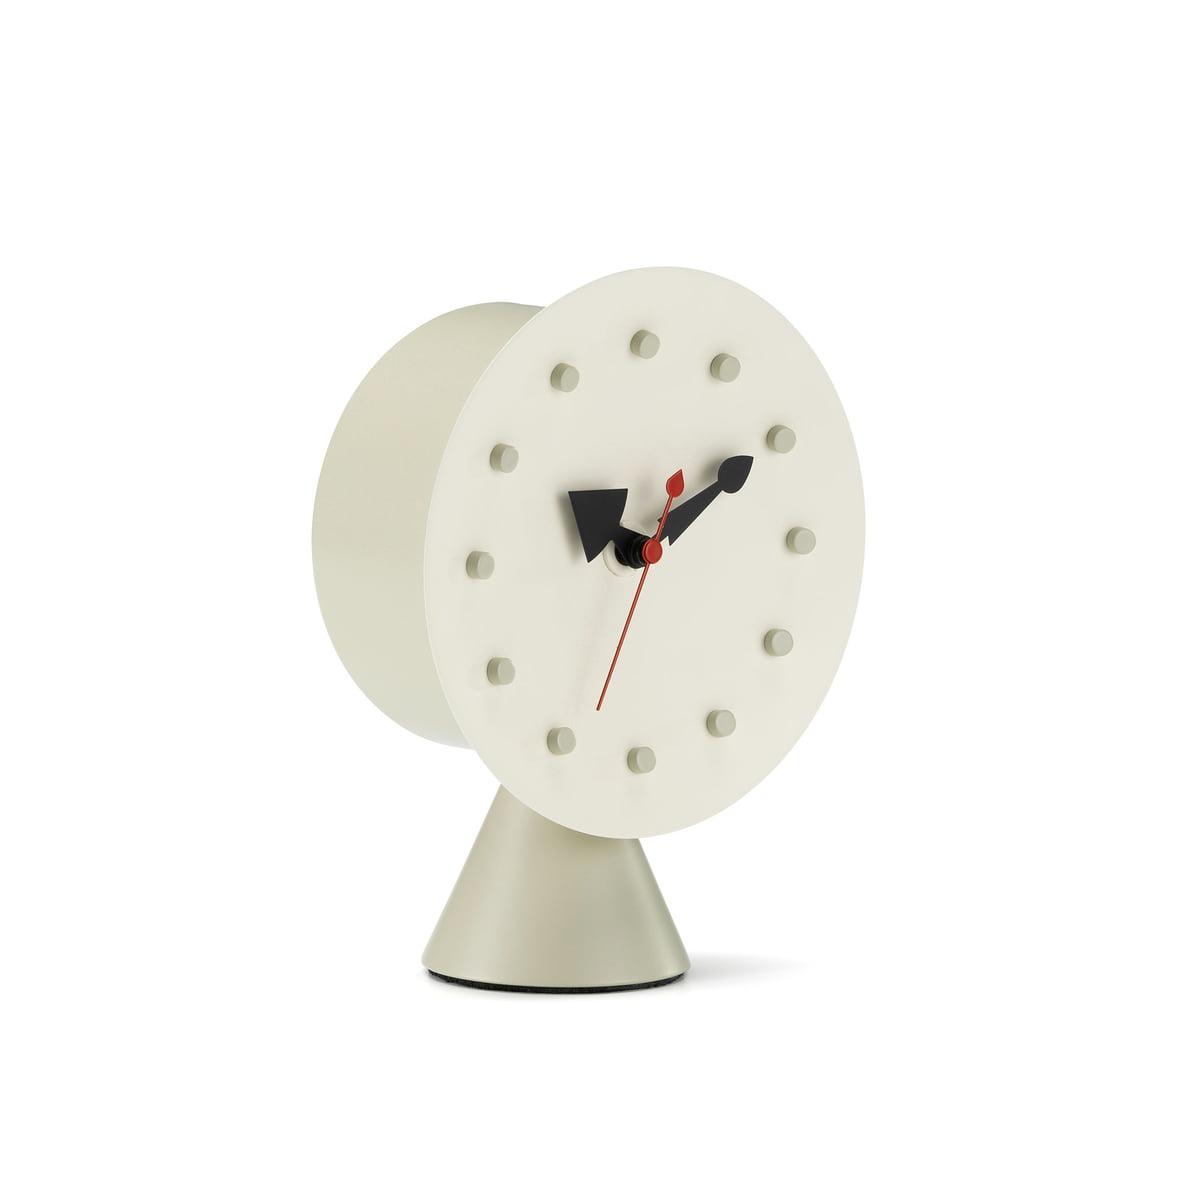 Horloge De Bureau Originale vitra - horloge de bureau à socle conique